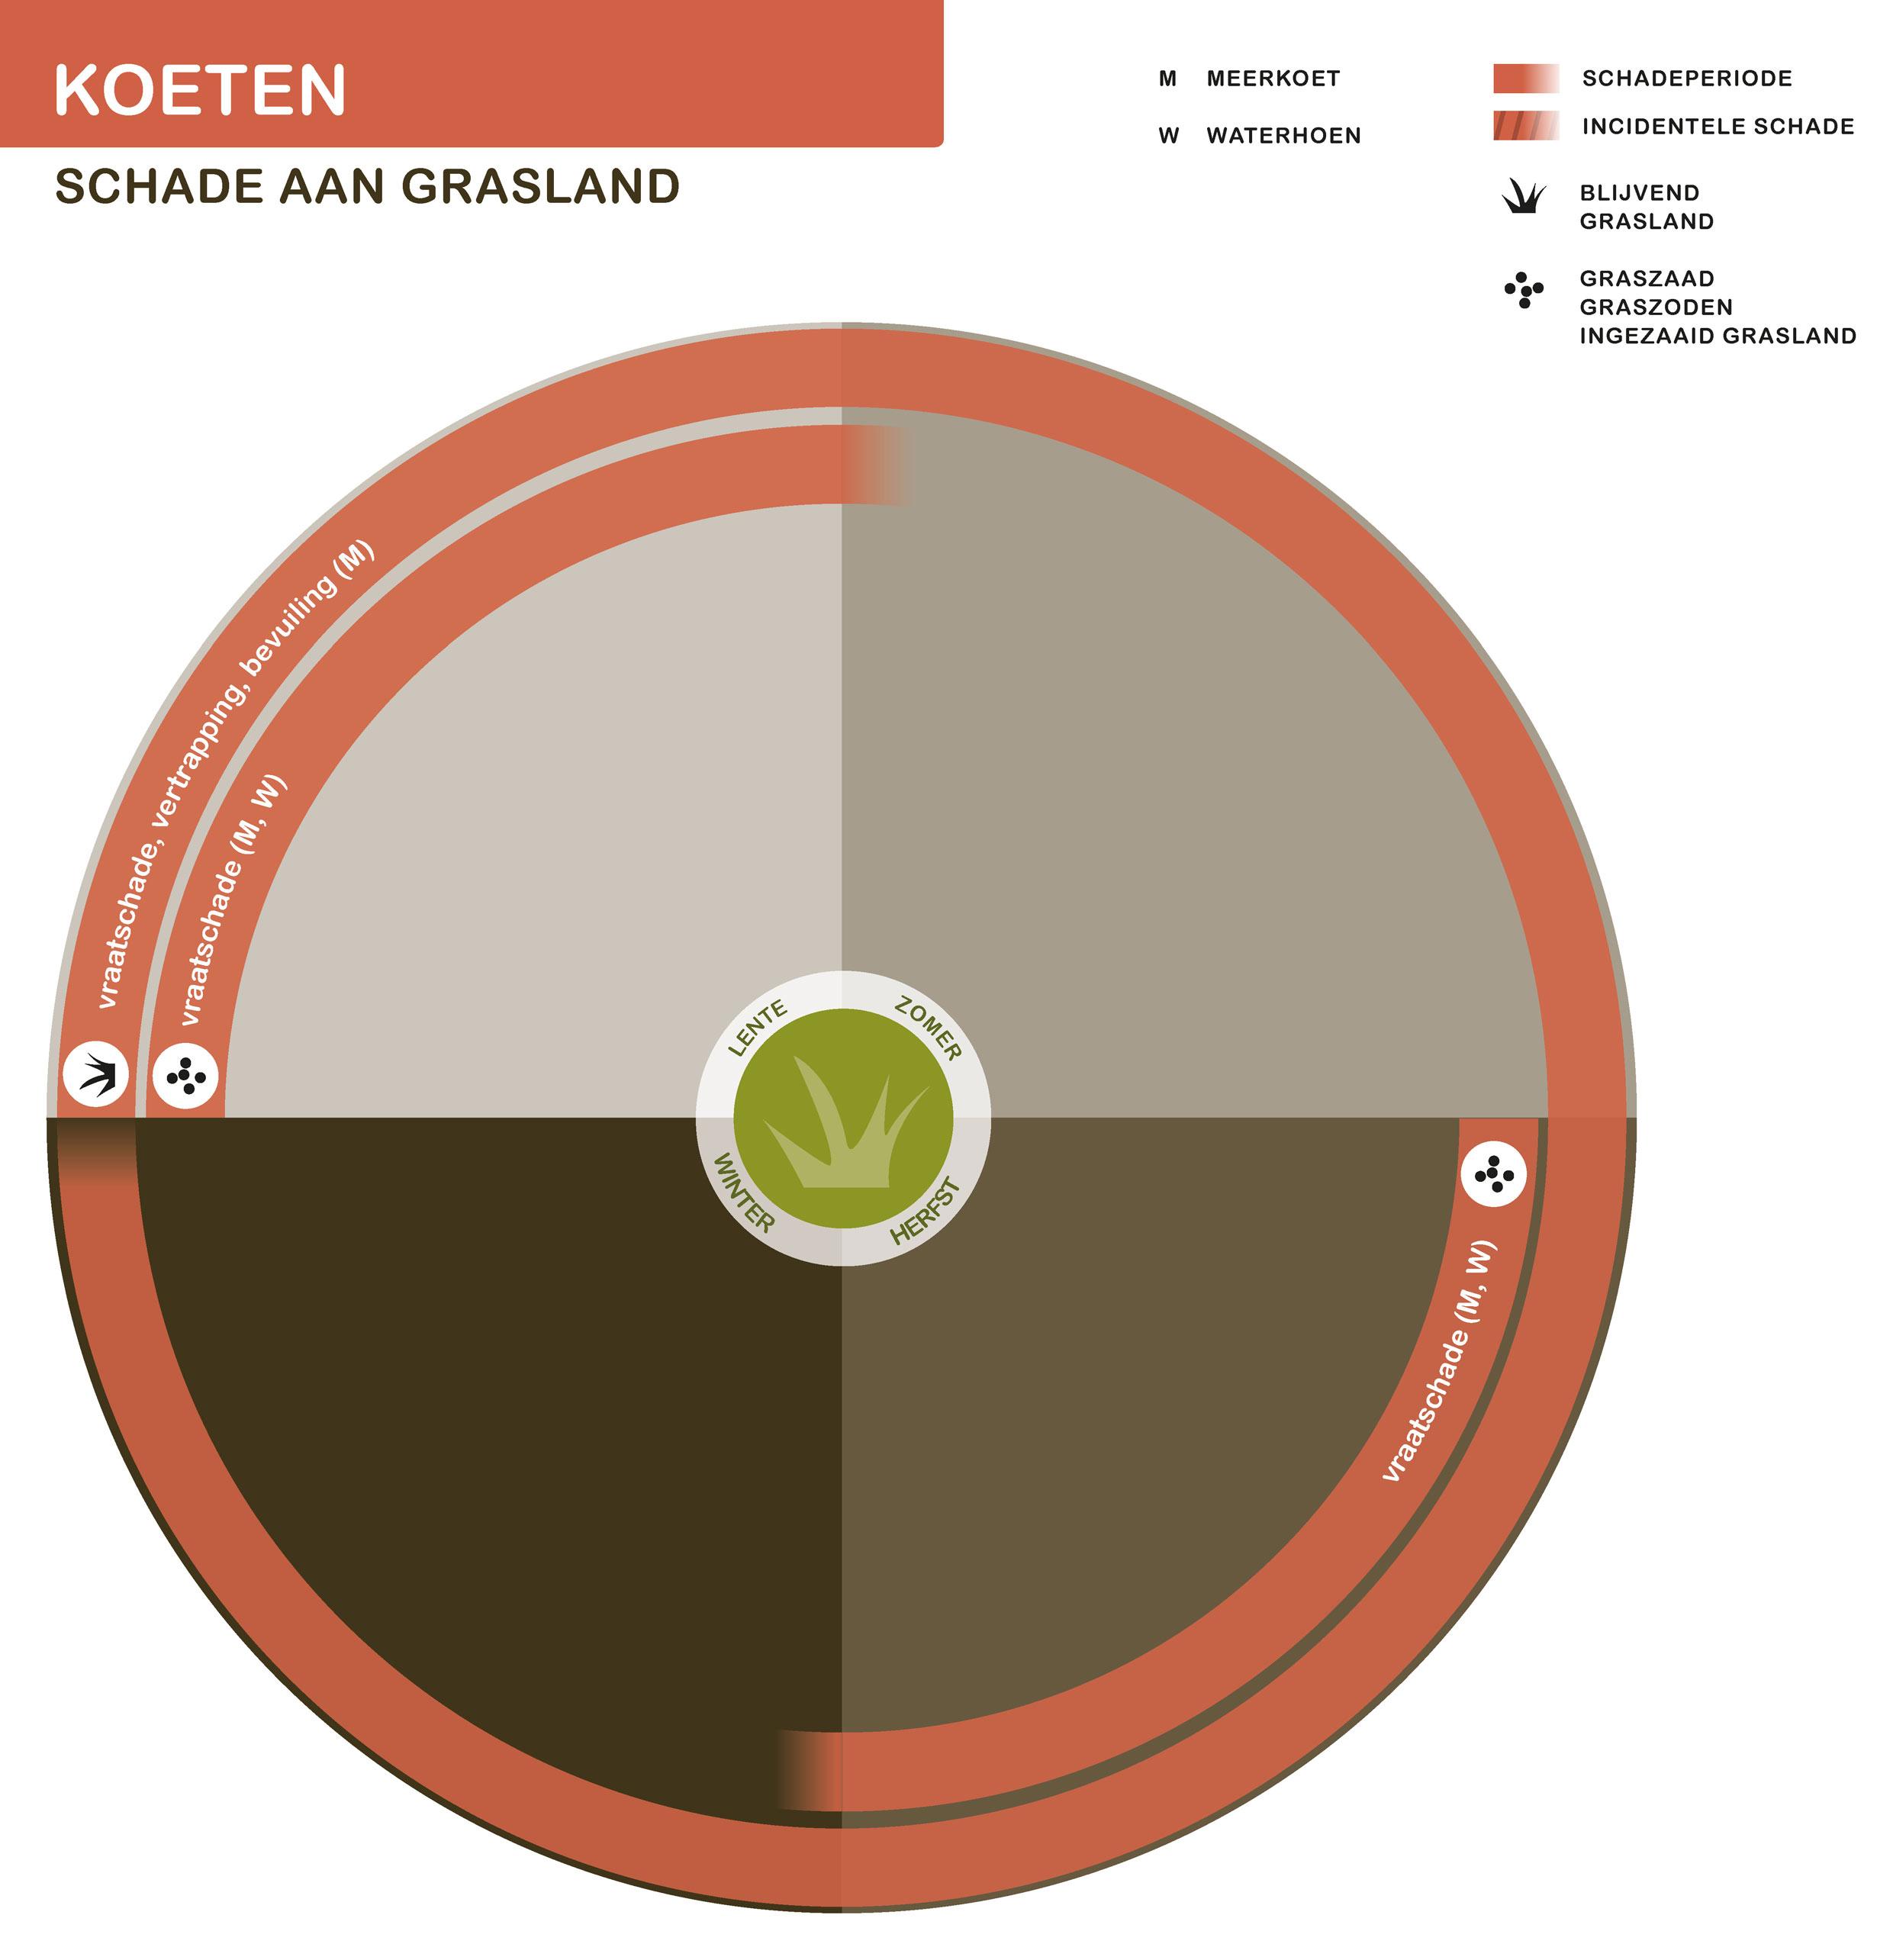 FPK-infogr-koeten-grasland-1